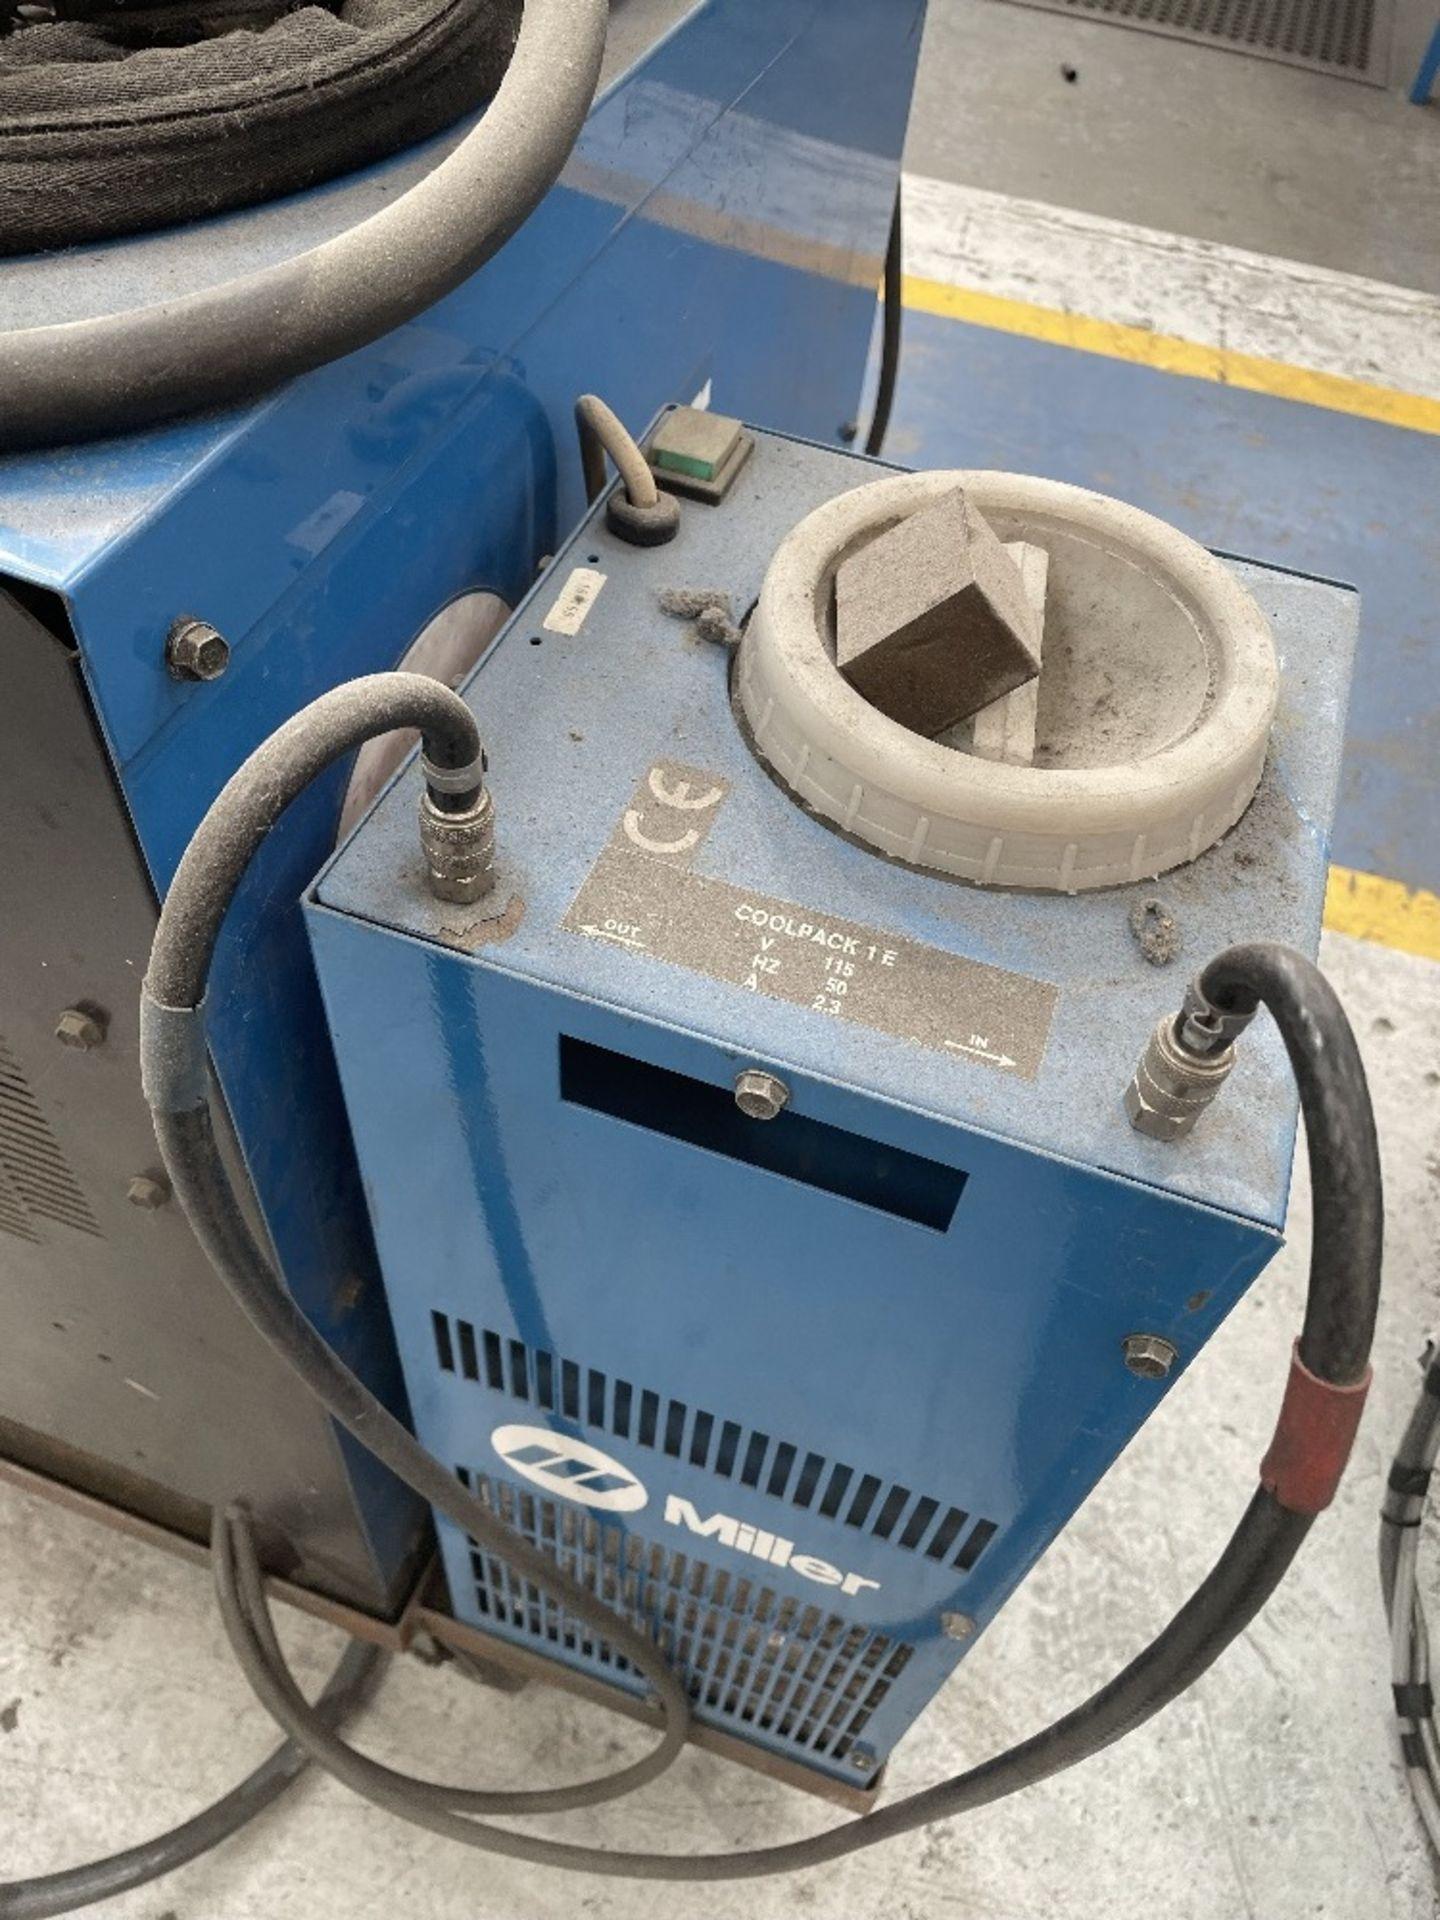 Miller Syncrowave 250 Tig Welder w/ Miller Water Cooler - Image 4 of 4